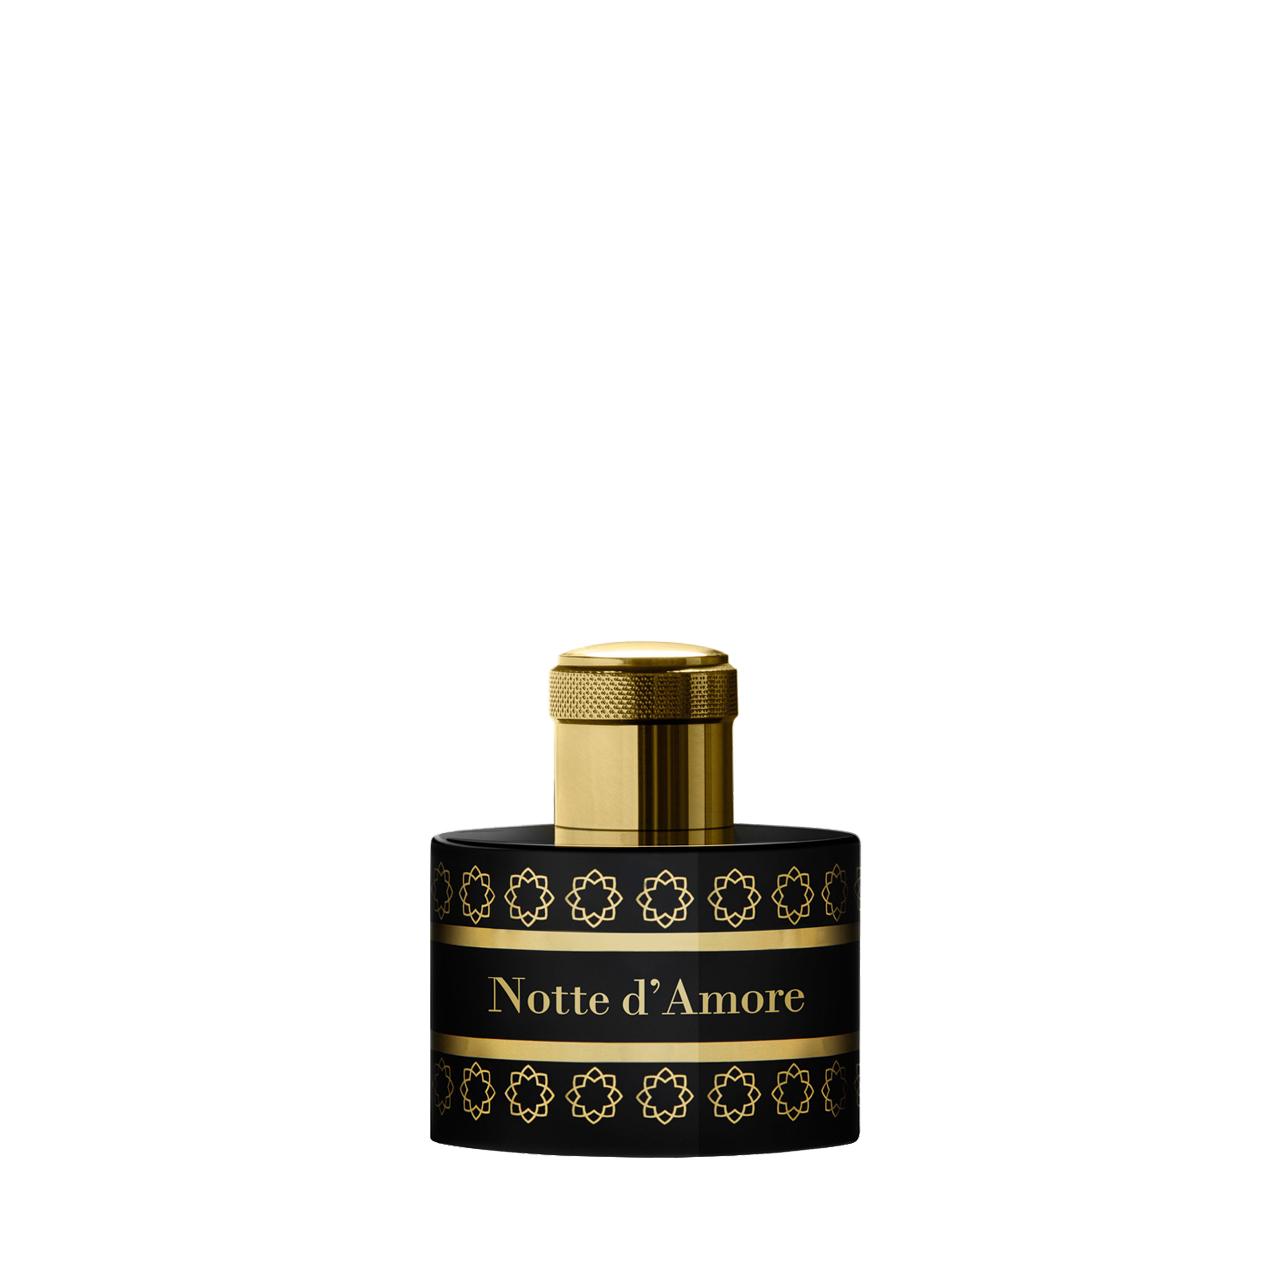 Notte d'Amore - Eau de Parfum